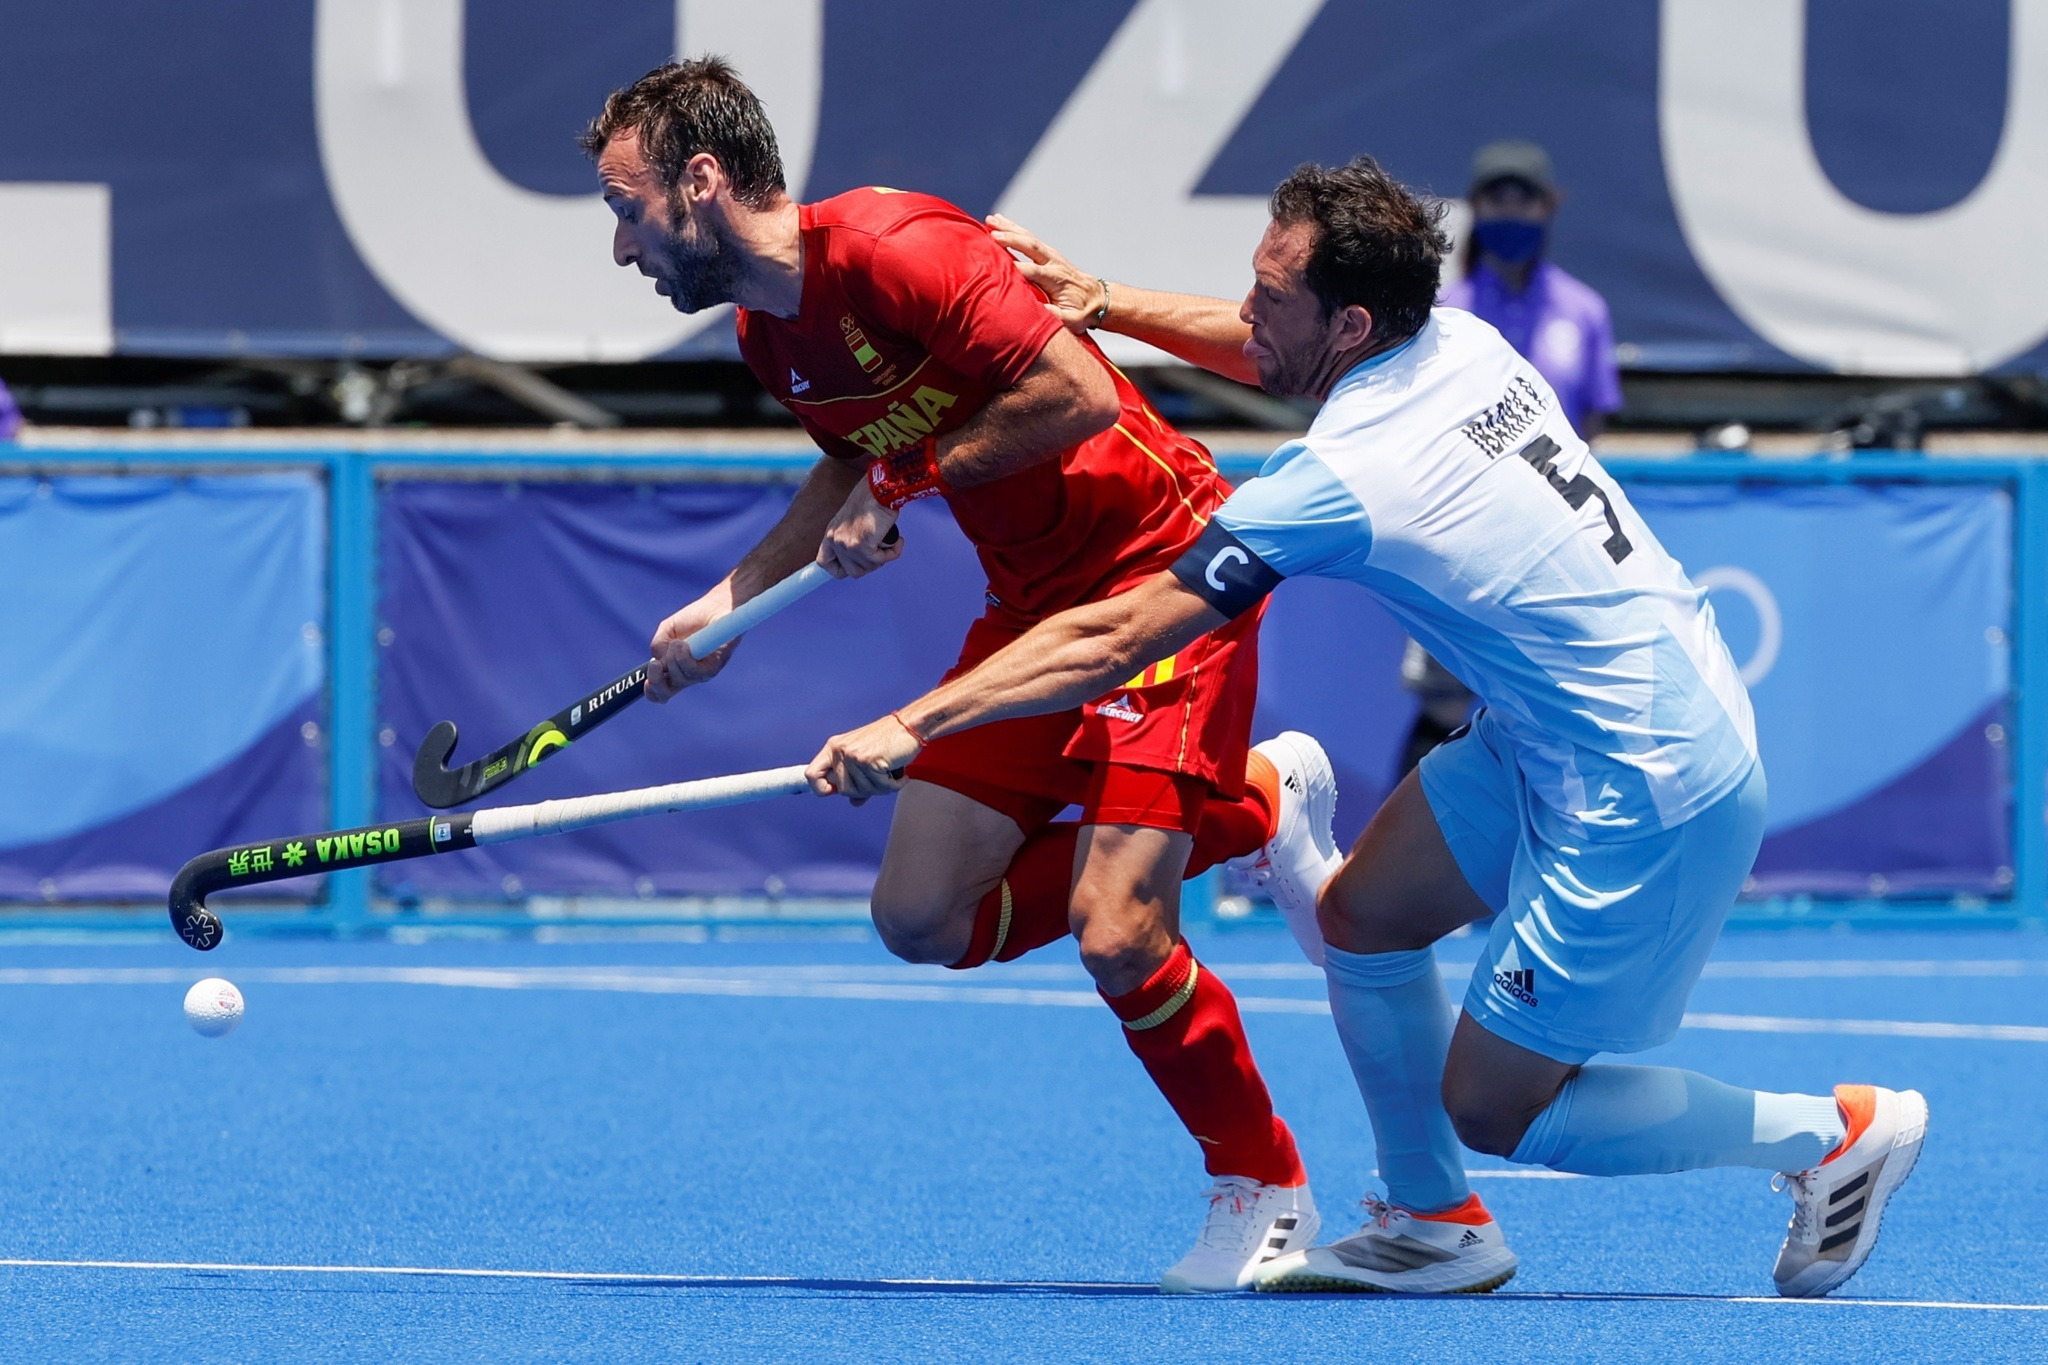 David Alegre de España disputa la bola con Pedro Ibarra de Argentina